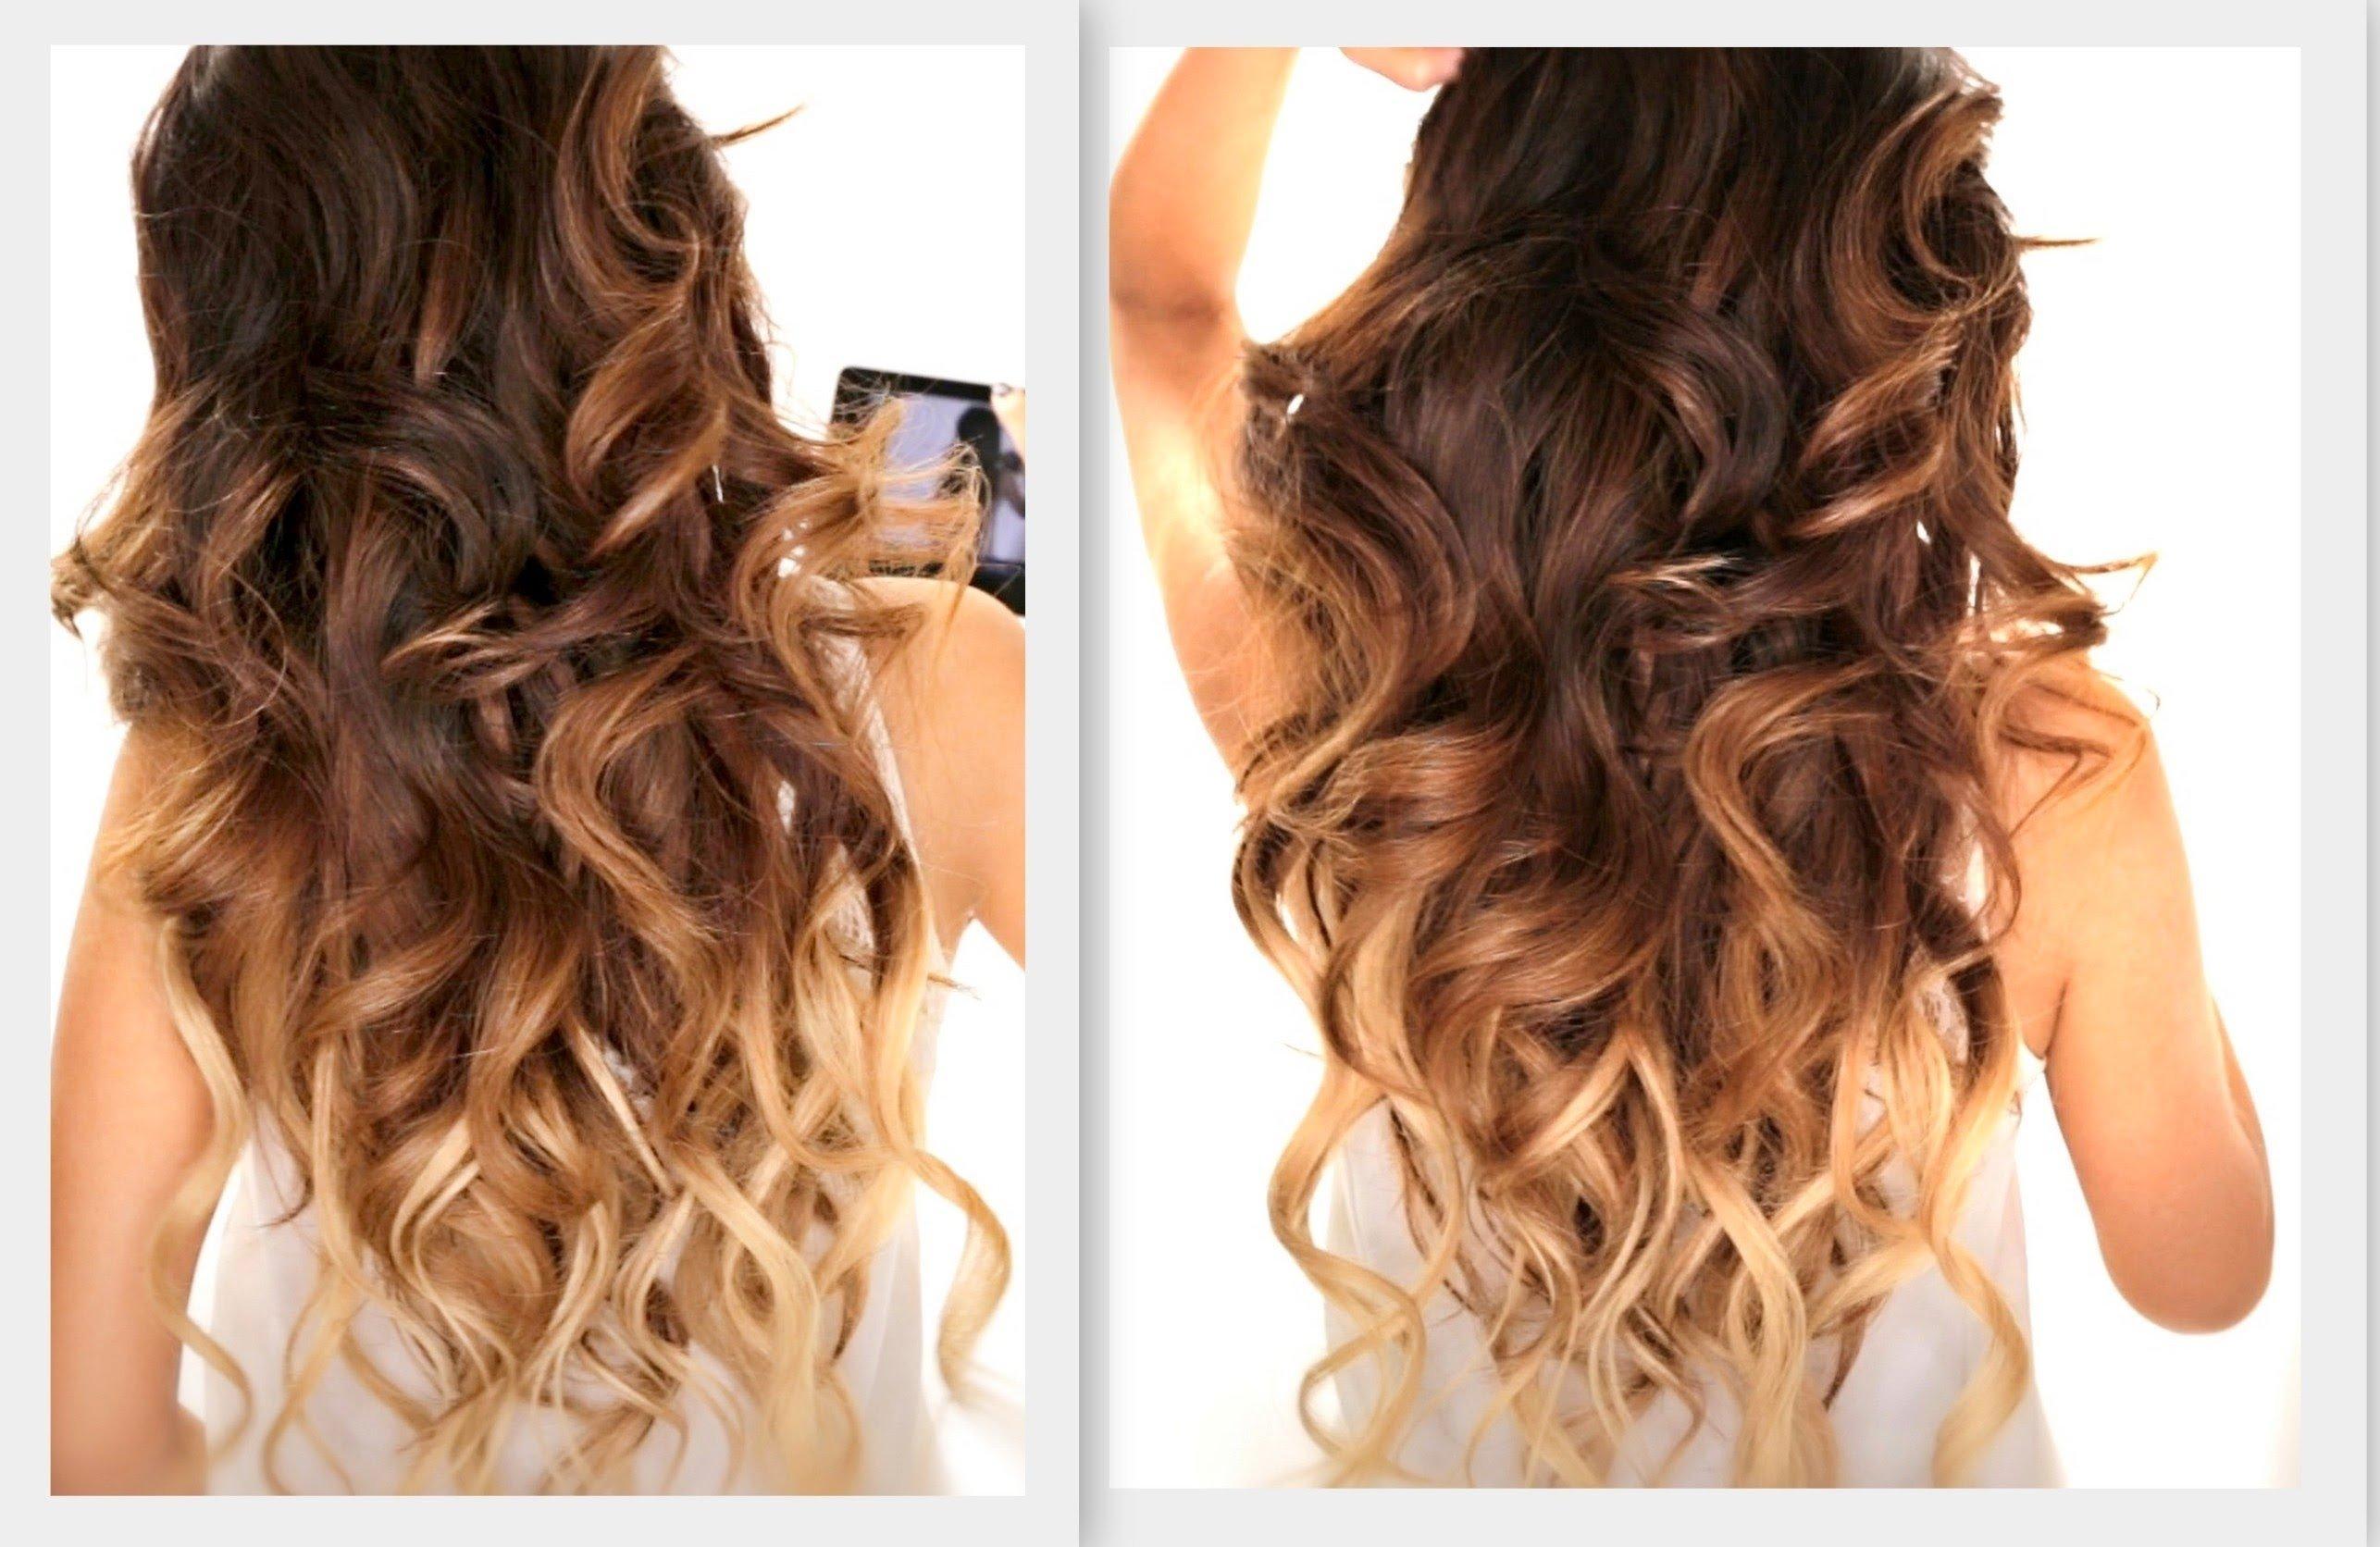 10 Stunning Hair Highlight Ideas For Brown Hair hair highlight ideas youtube 1 2020